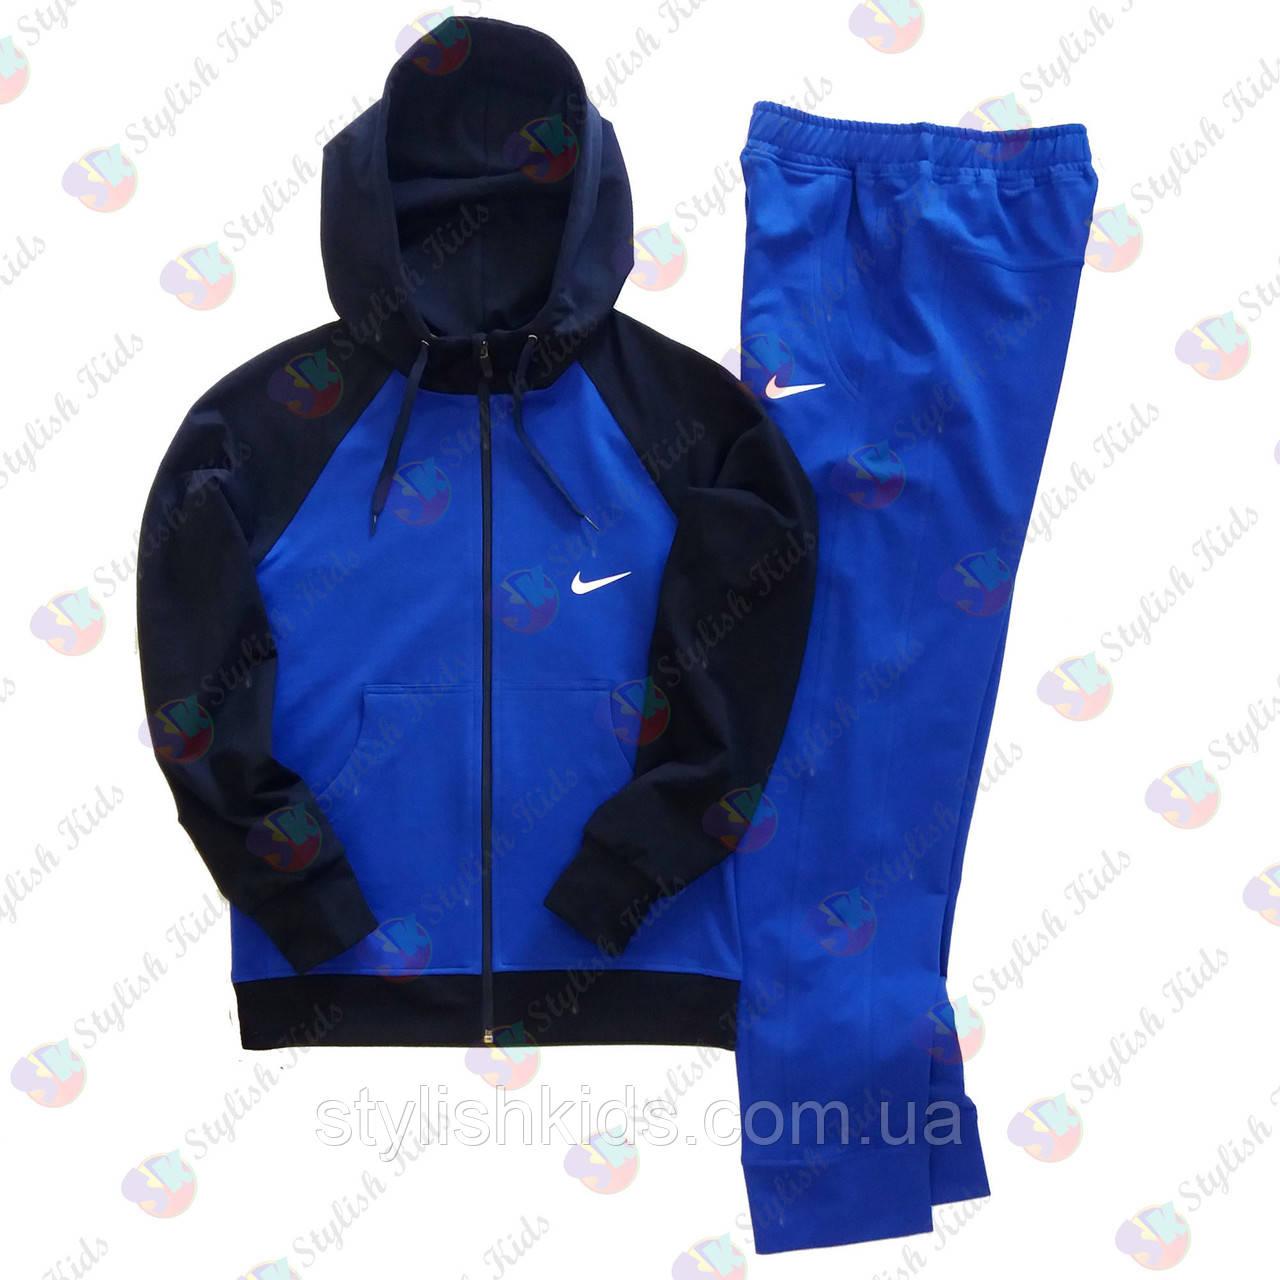 Детские спортивные костюмы Nike в Украине.Купить спортивный костюм  подростковый на мальчика пром.юа d20238e4127